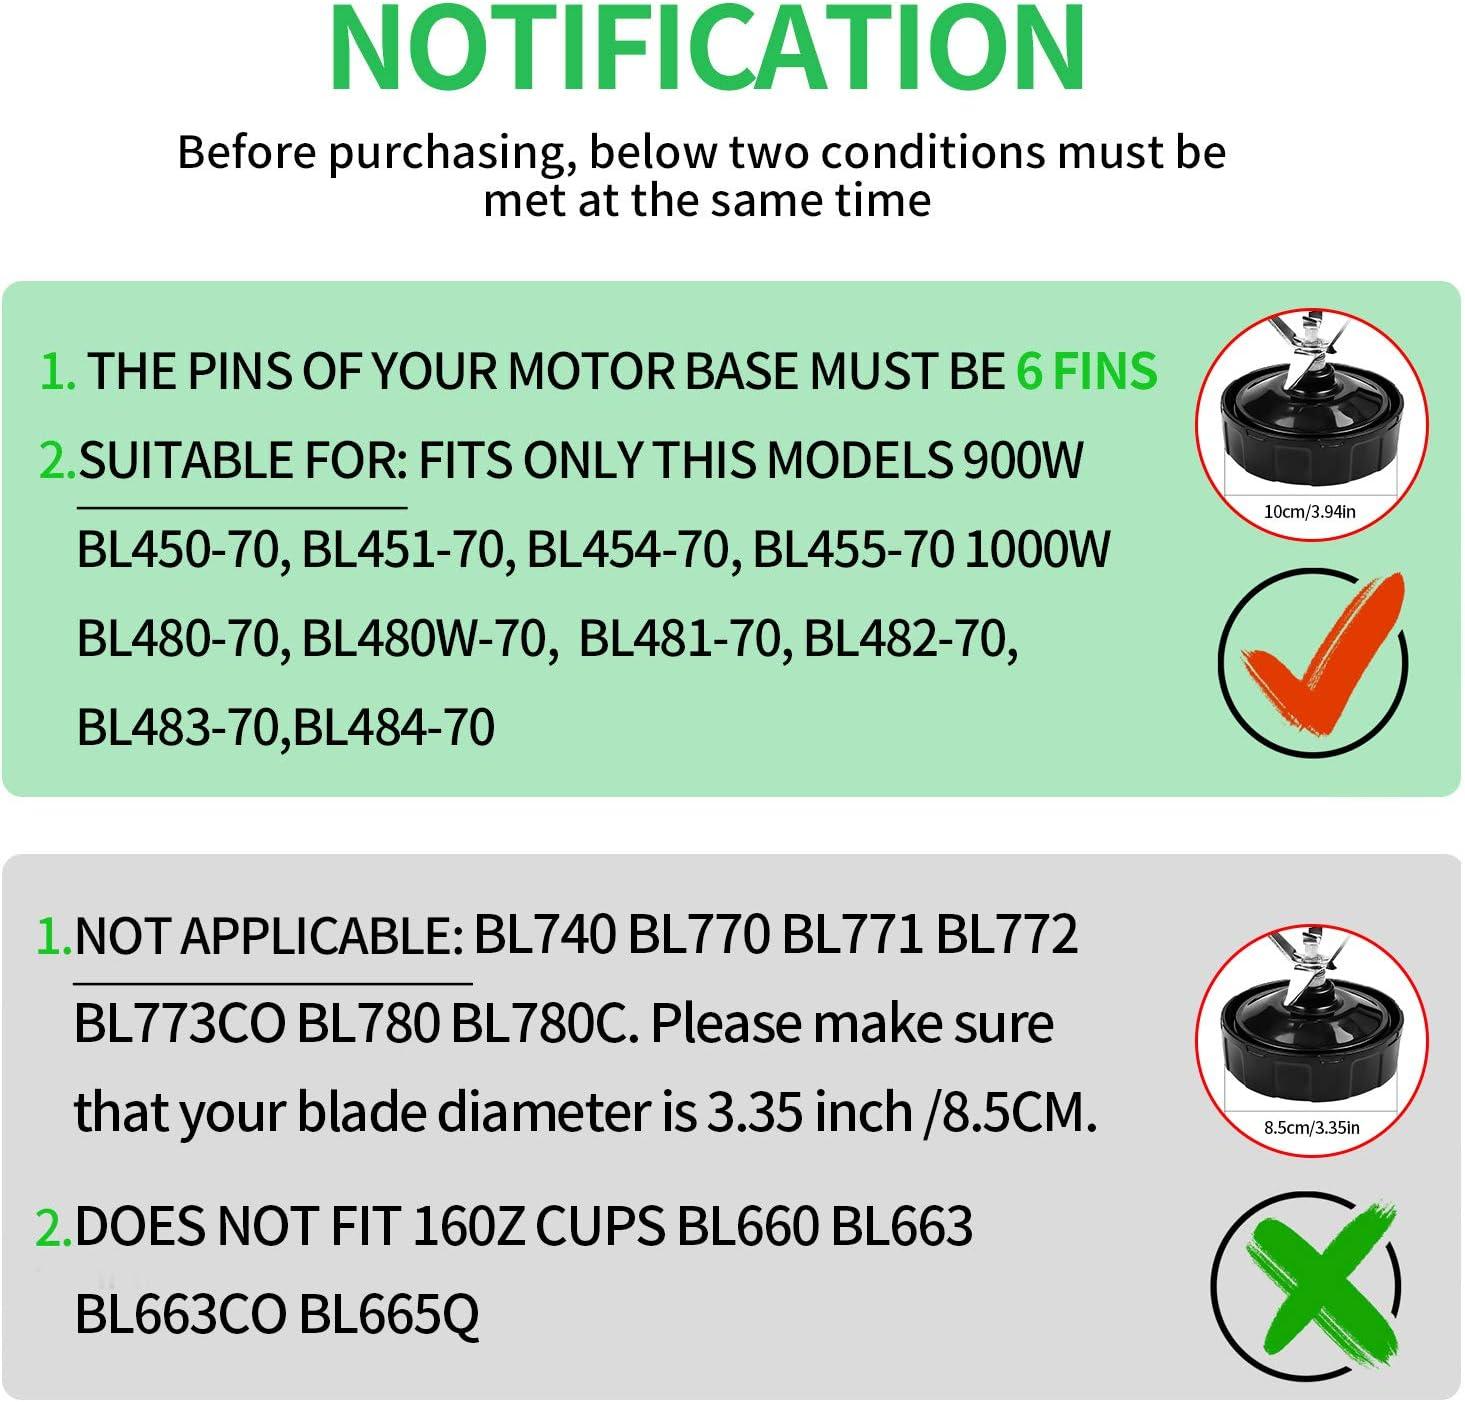 Replacement Parts for Ninja Blender Bottom Blade 6 Fins Replacement Extractor Blade Parts for Nutri Ninja iQ 900W BL454-70 BL455-70 and 1000W BL480-70 BL480W-70 BL481-70 BL482-70 BL483-70